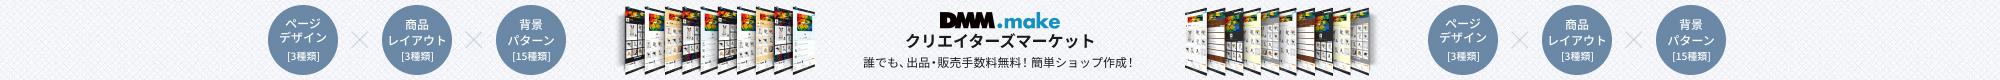 DMM.make クリエイターズマーケット 誰でも、出品・販